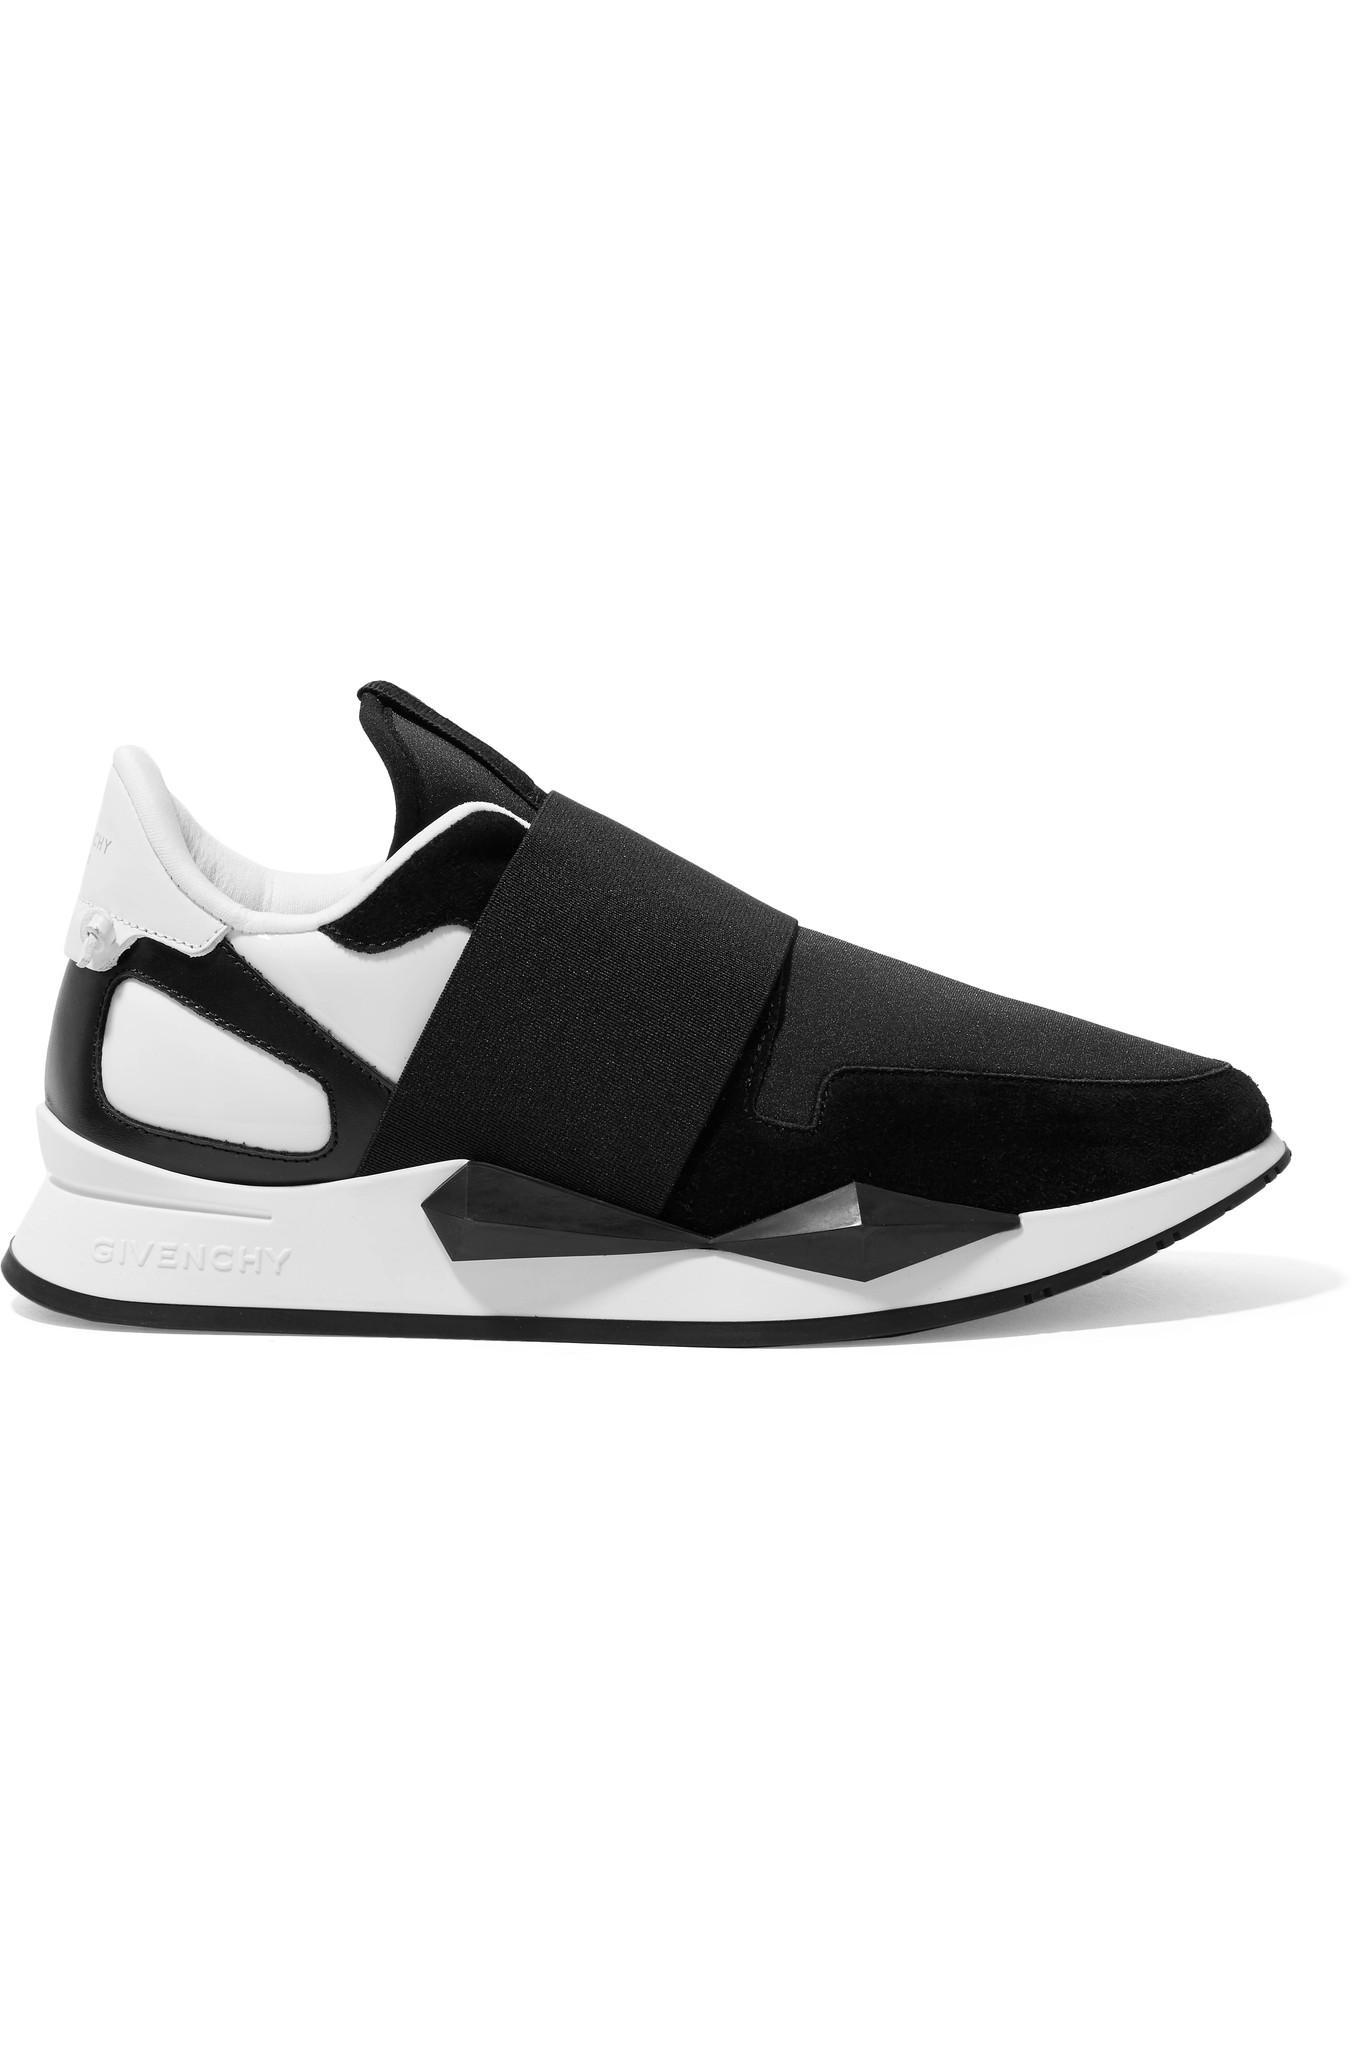 Coureur En Cuir Élastique Et Chaussures De Sport En Néoprène Suède Lambrissé - Noir Givenchy SOZtx